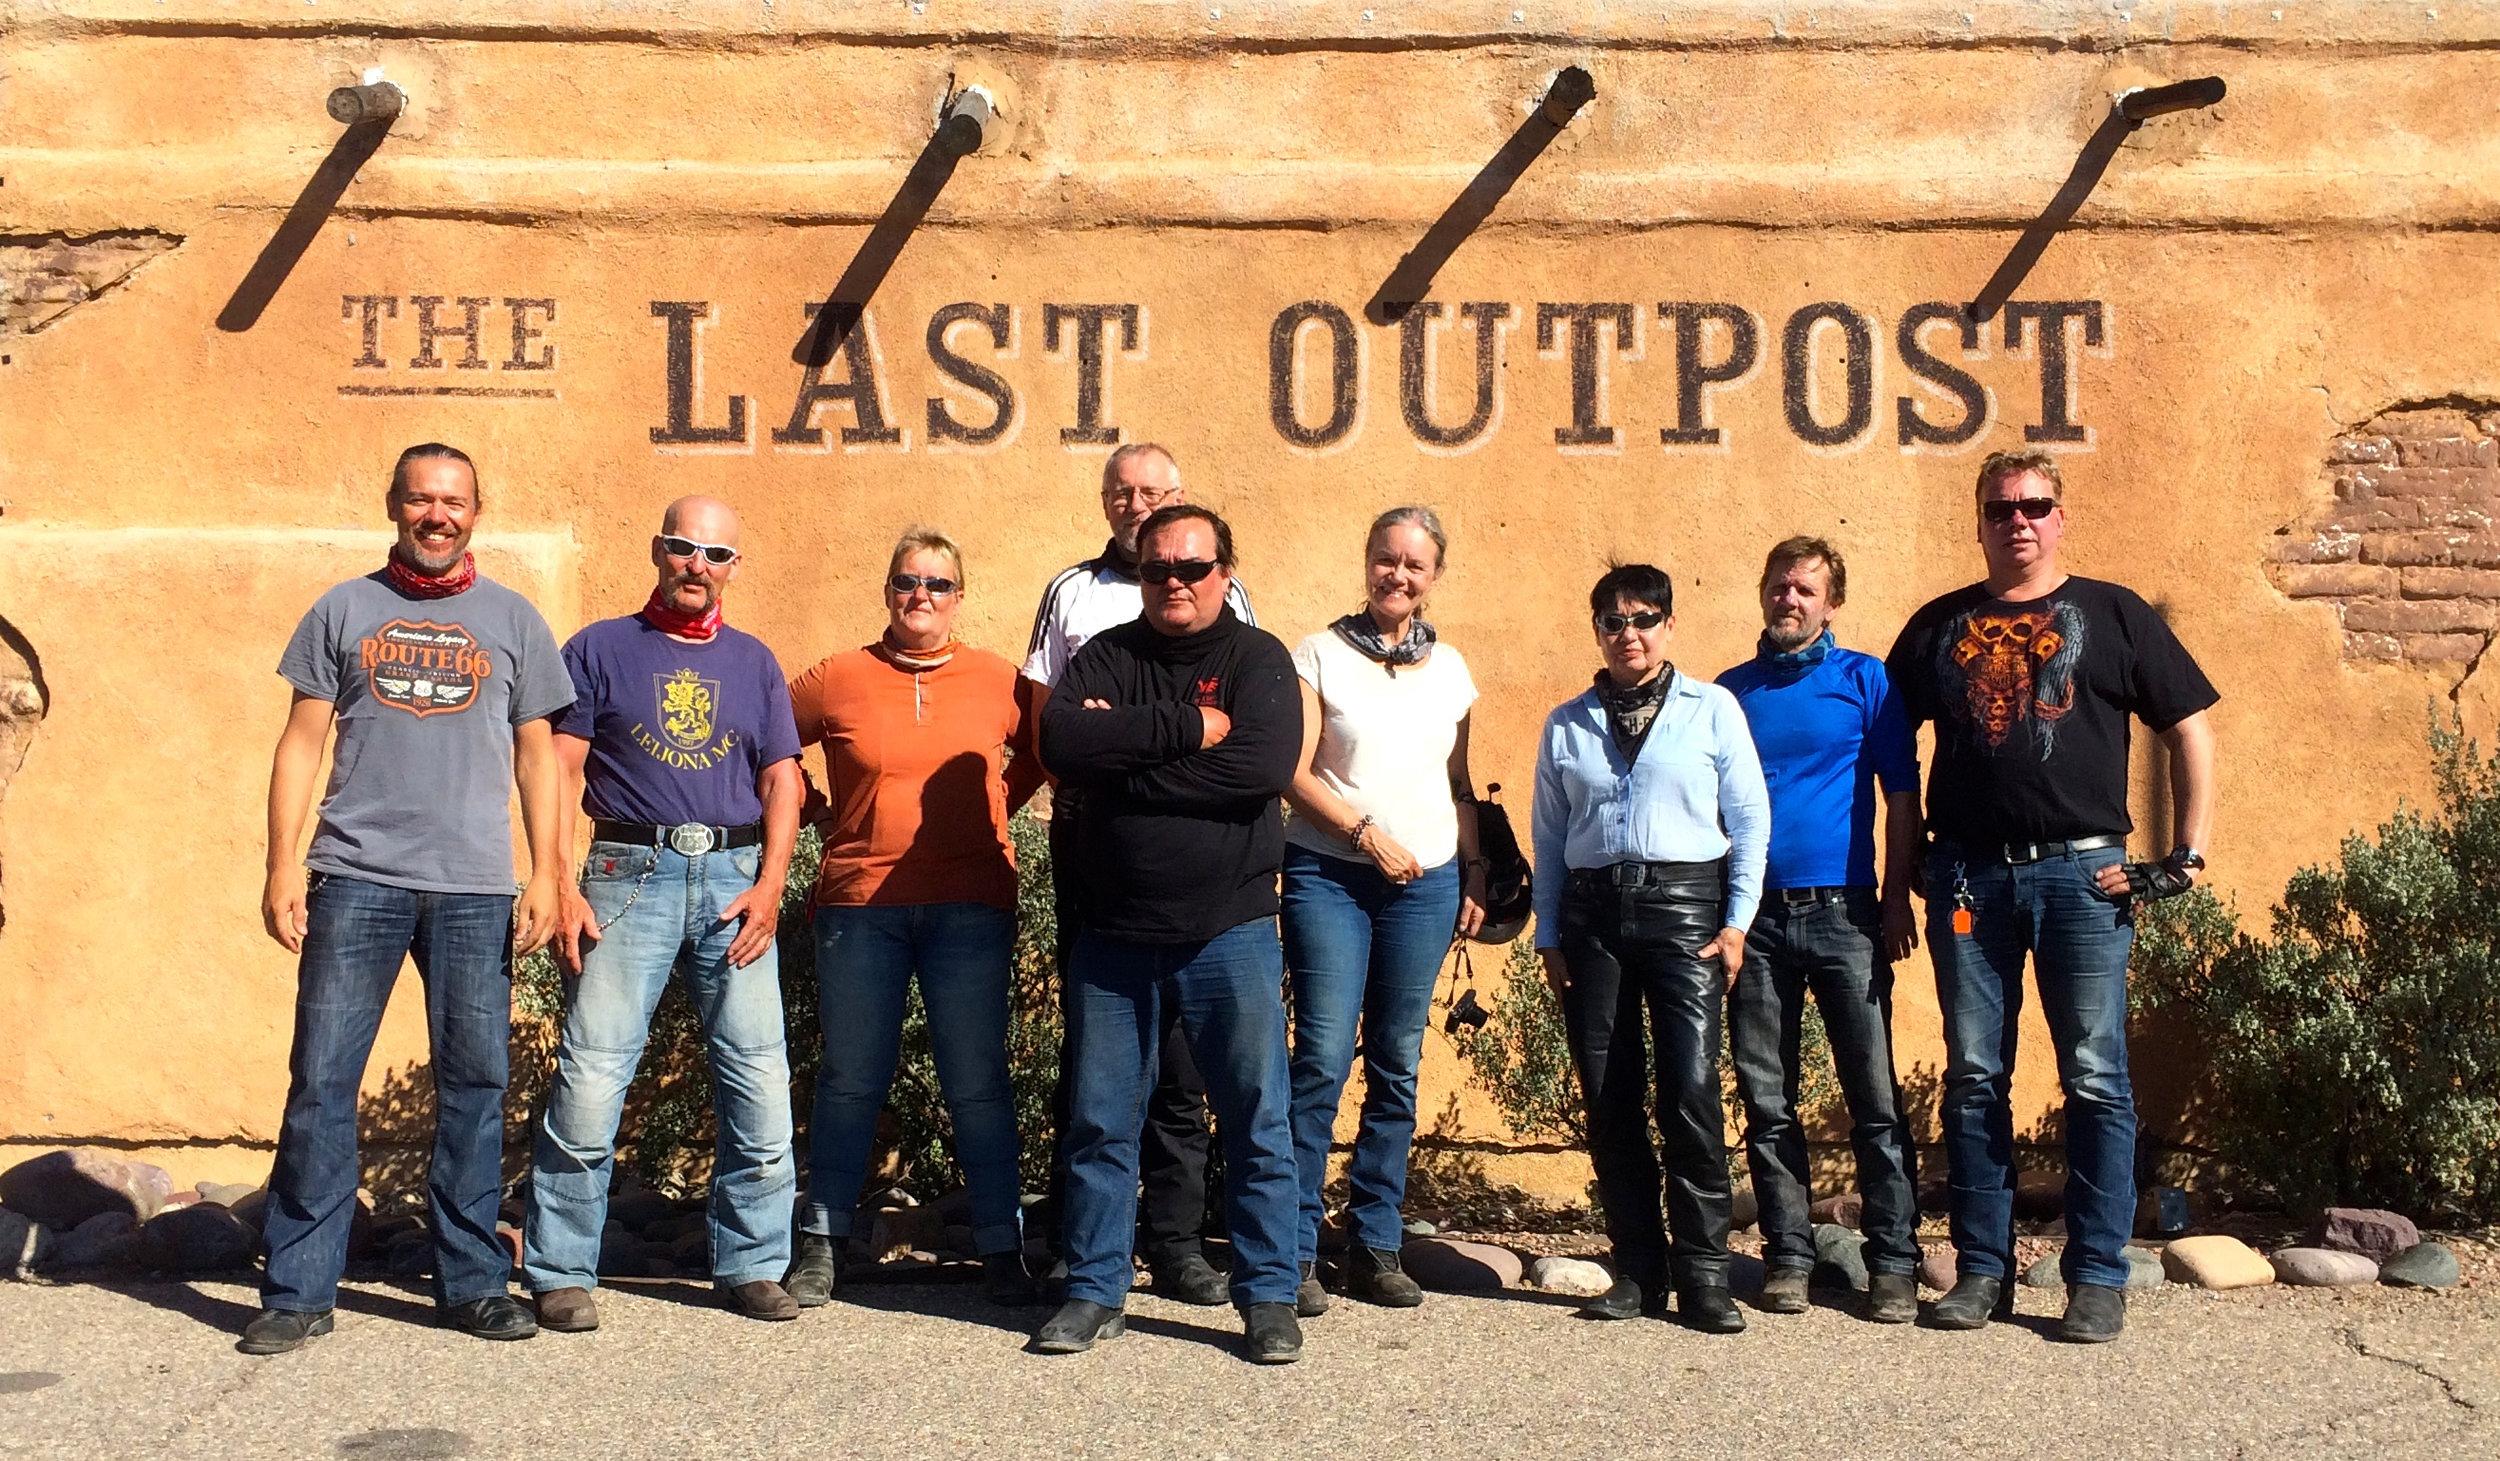 Old Tucsonissa näyttää poseeraukseen tulevan ihan itsestään hieman vivahteita vanhoista westerneistä... Vain revolverit puuttuu...;)